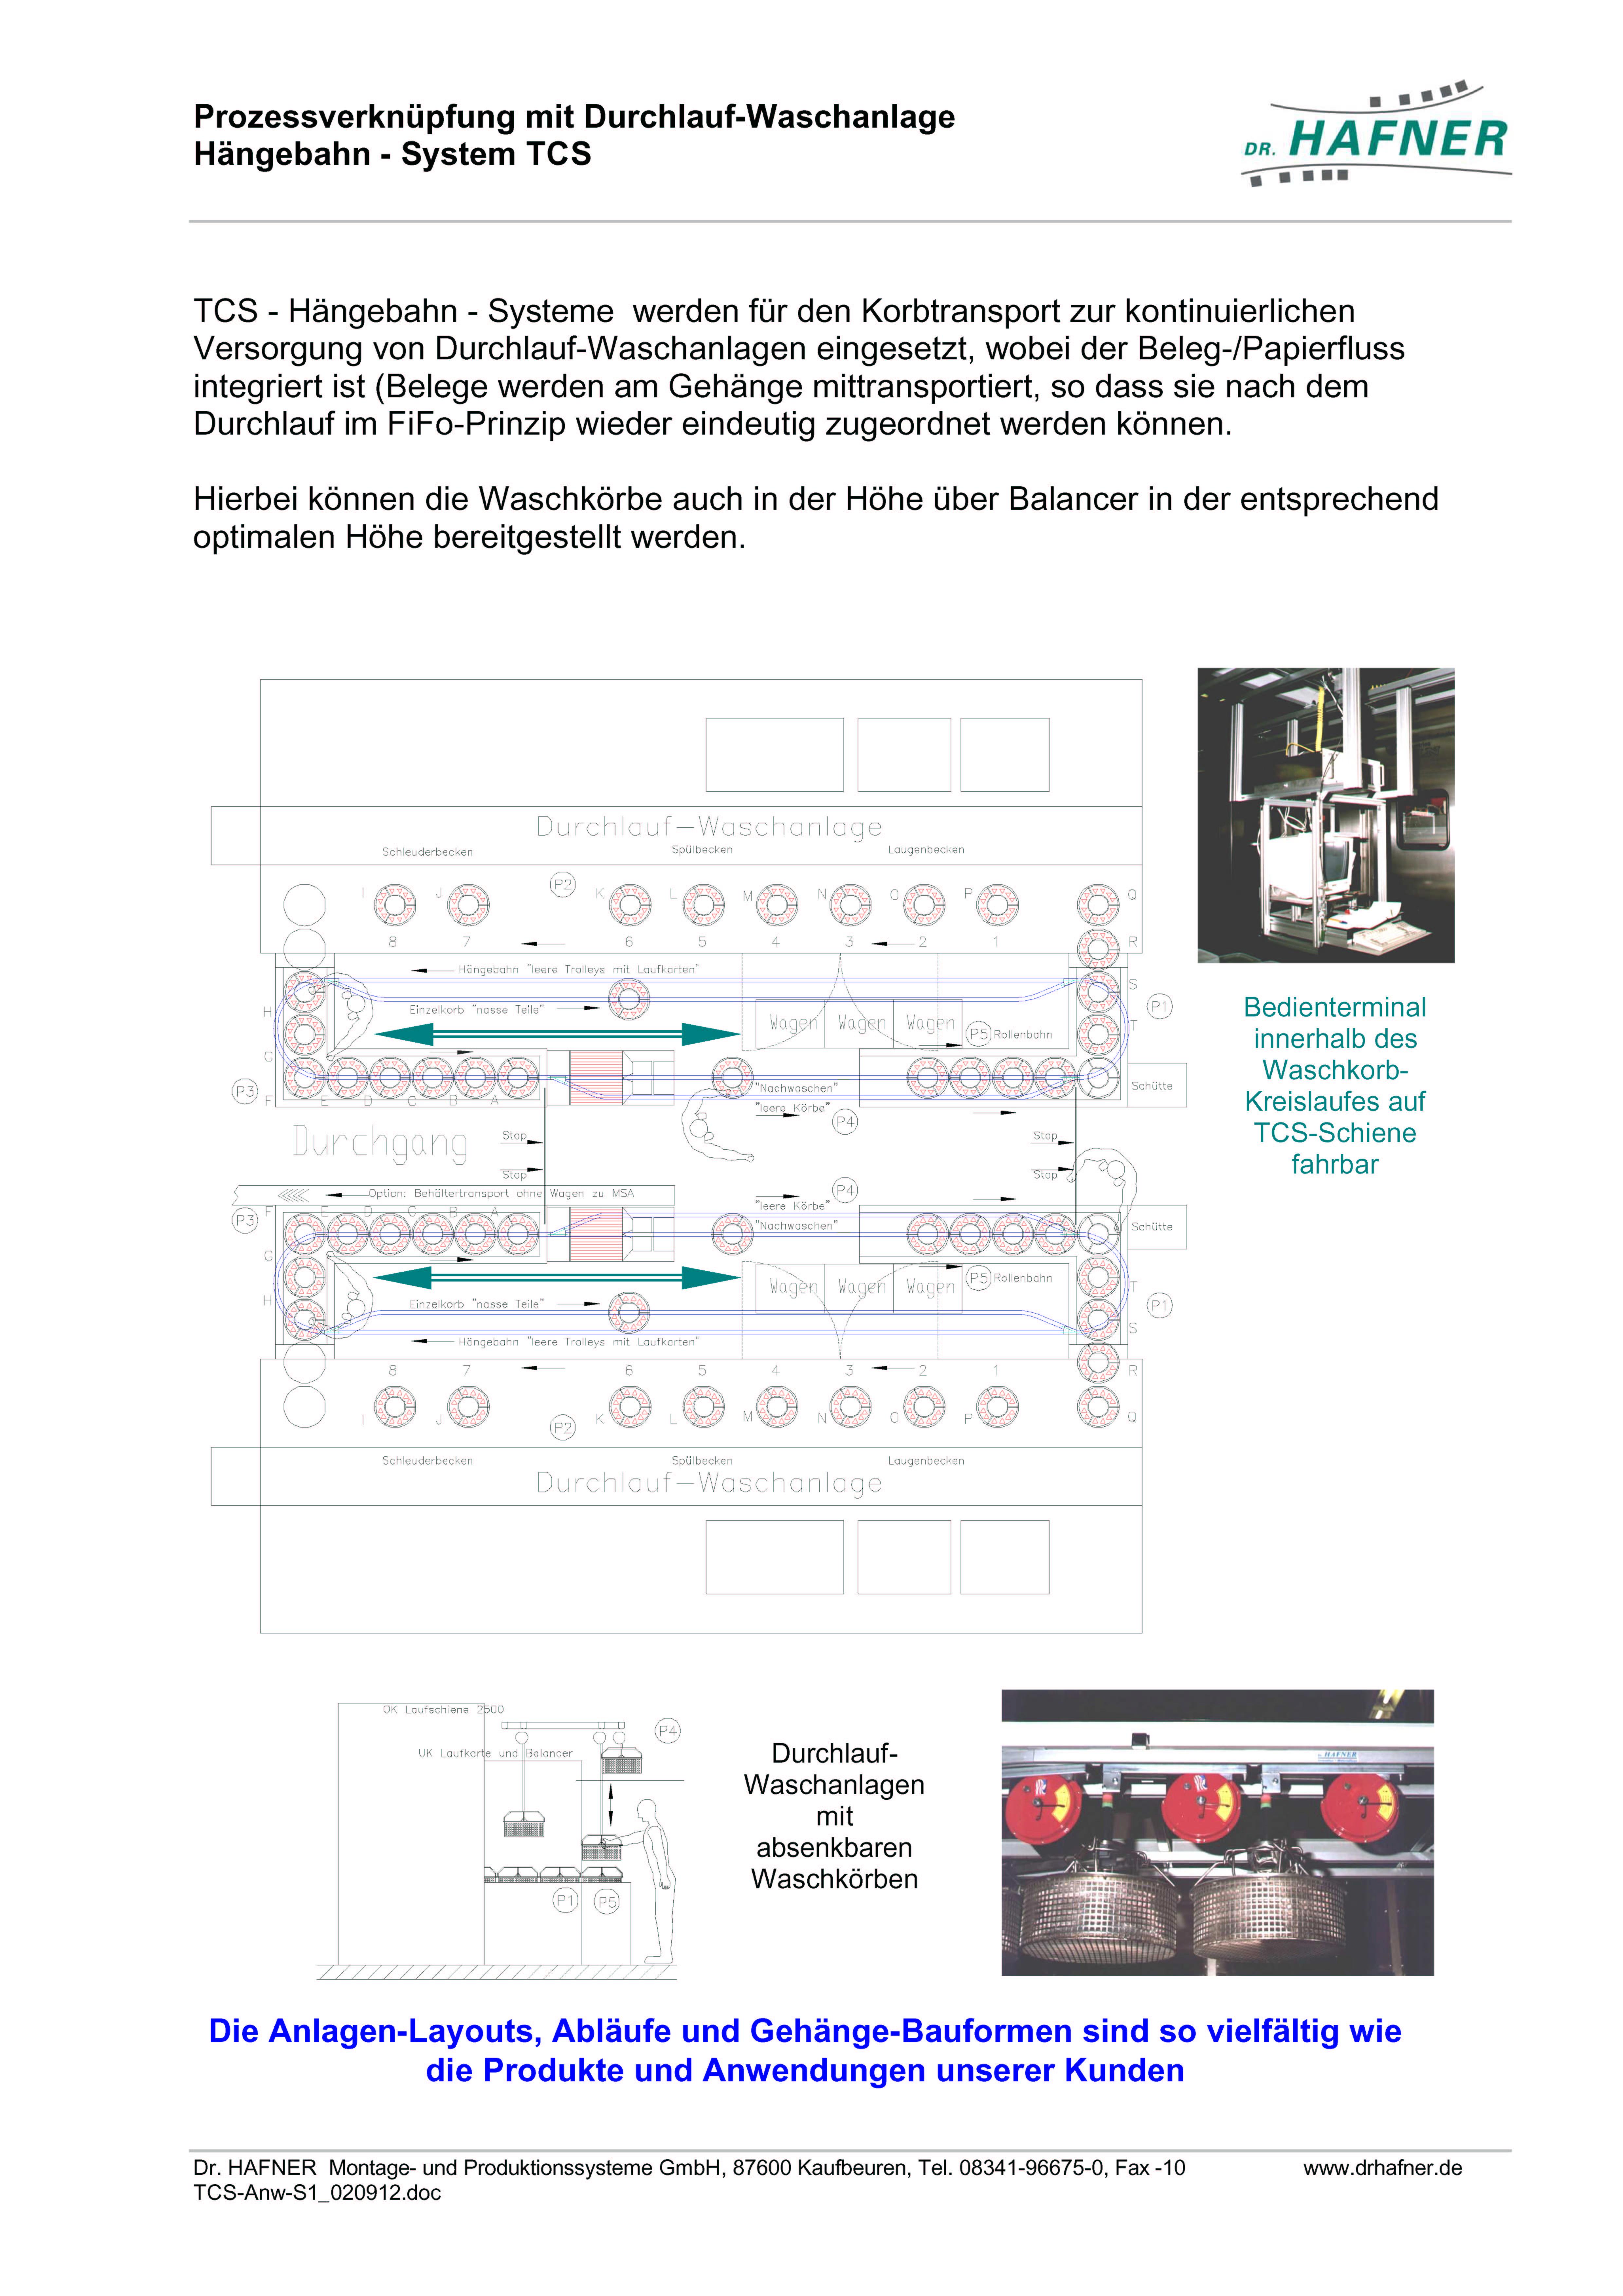 Dr. HAFNER_PKWP_41 Prozessverknüpfung Durchlauf Waschanlage Hängebahn